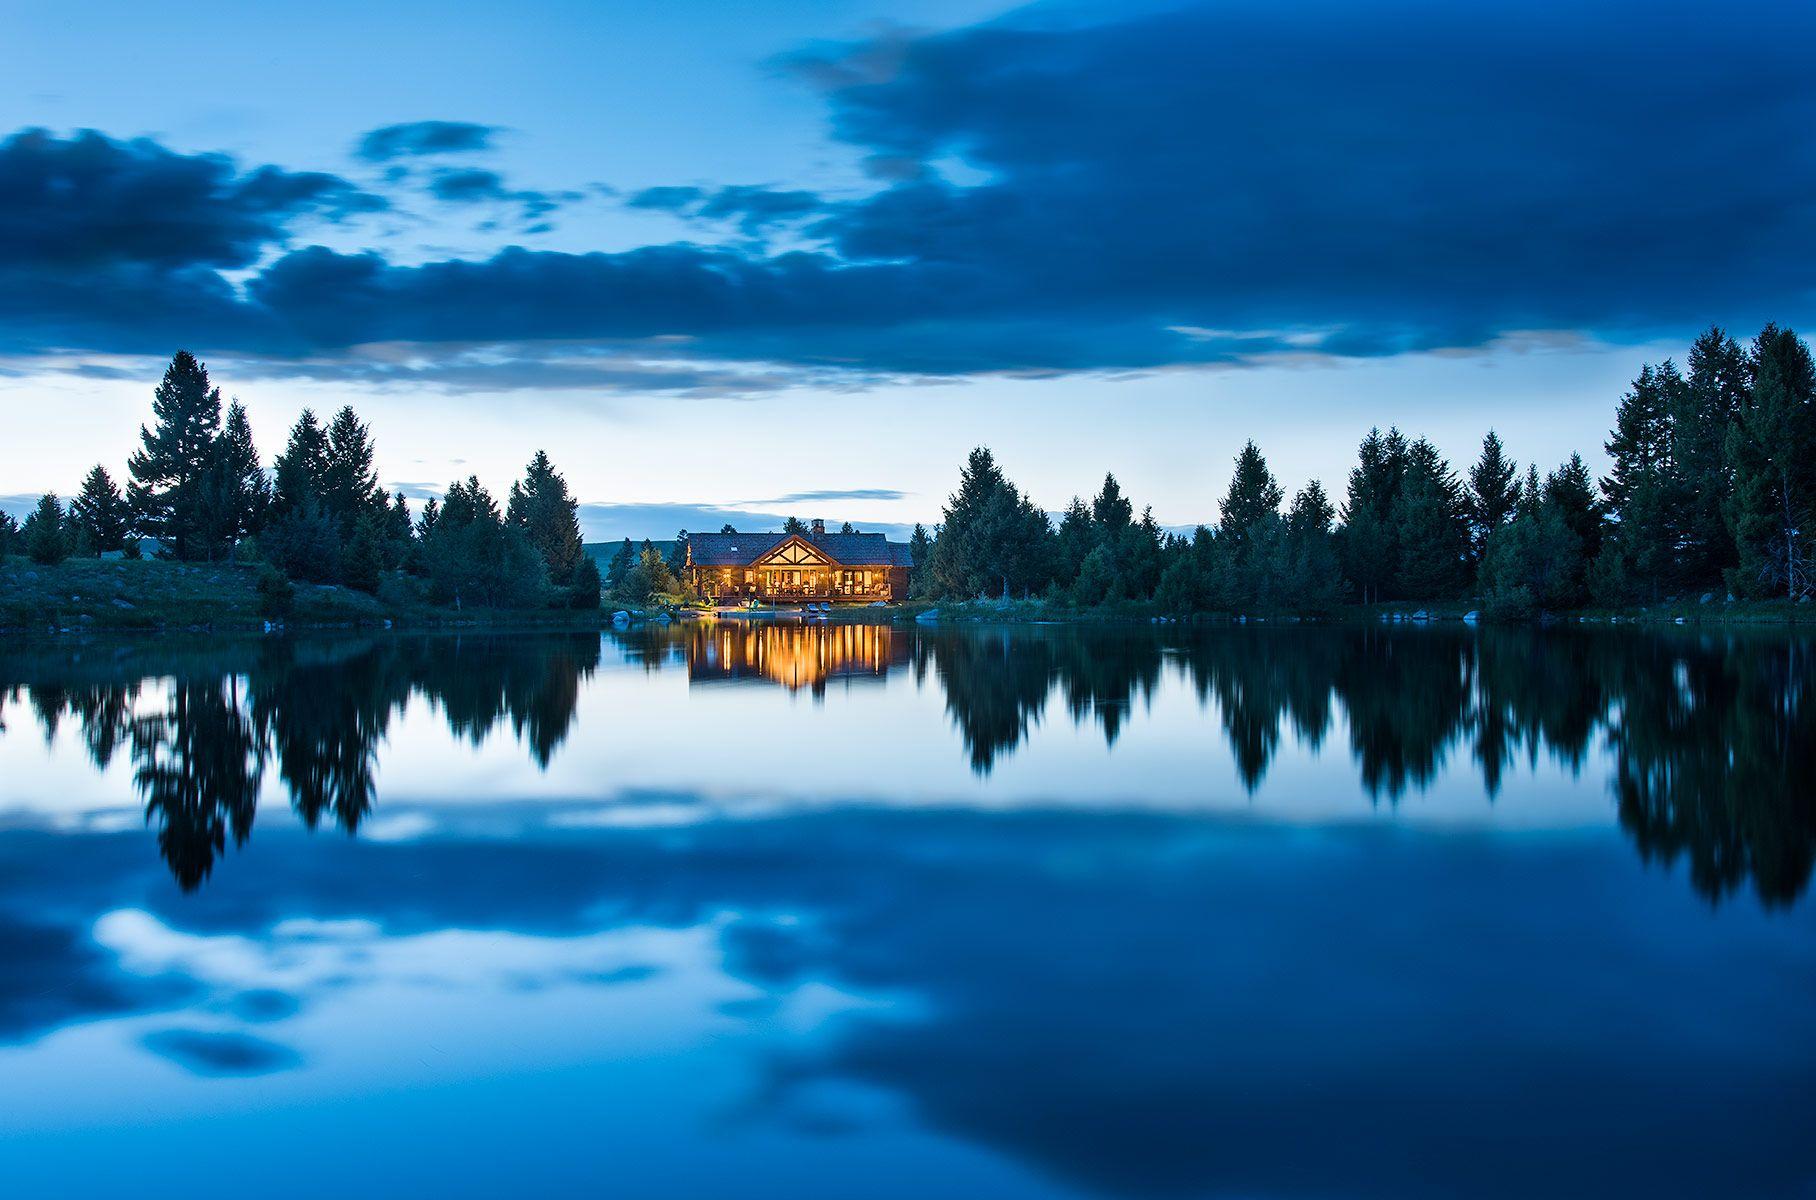 Dusk Reflection, Deer Lodge, MT